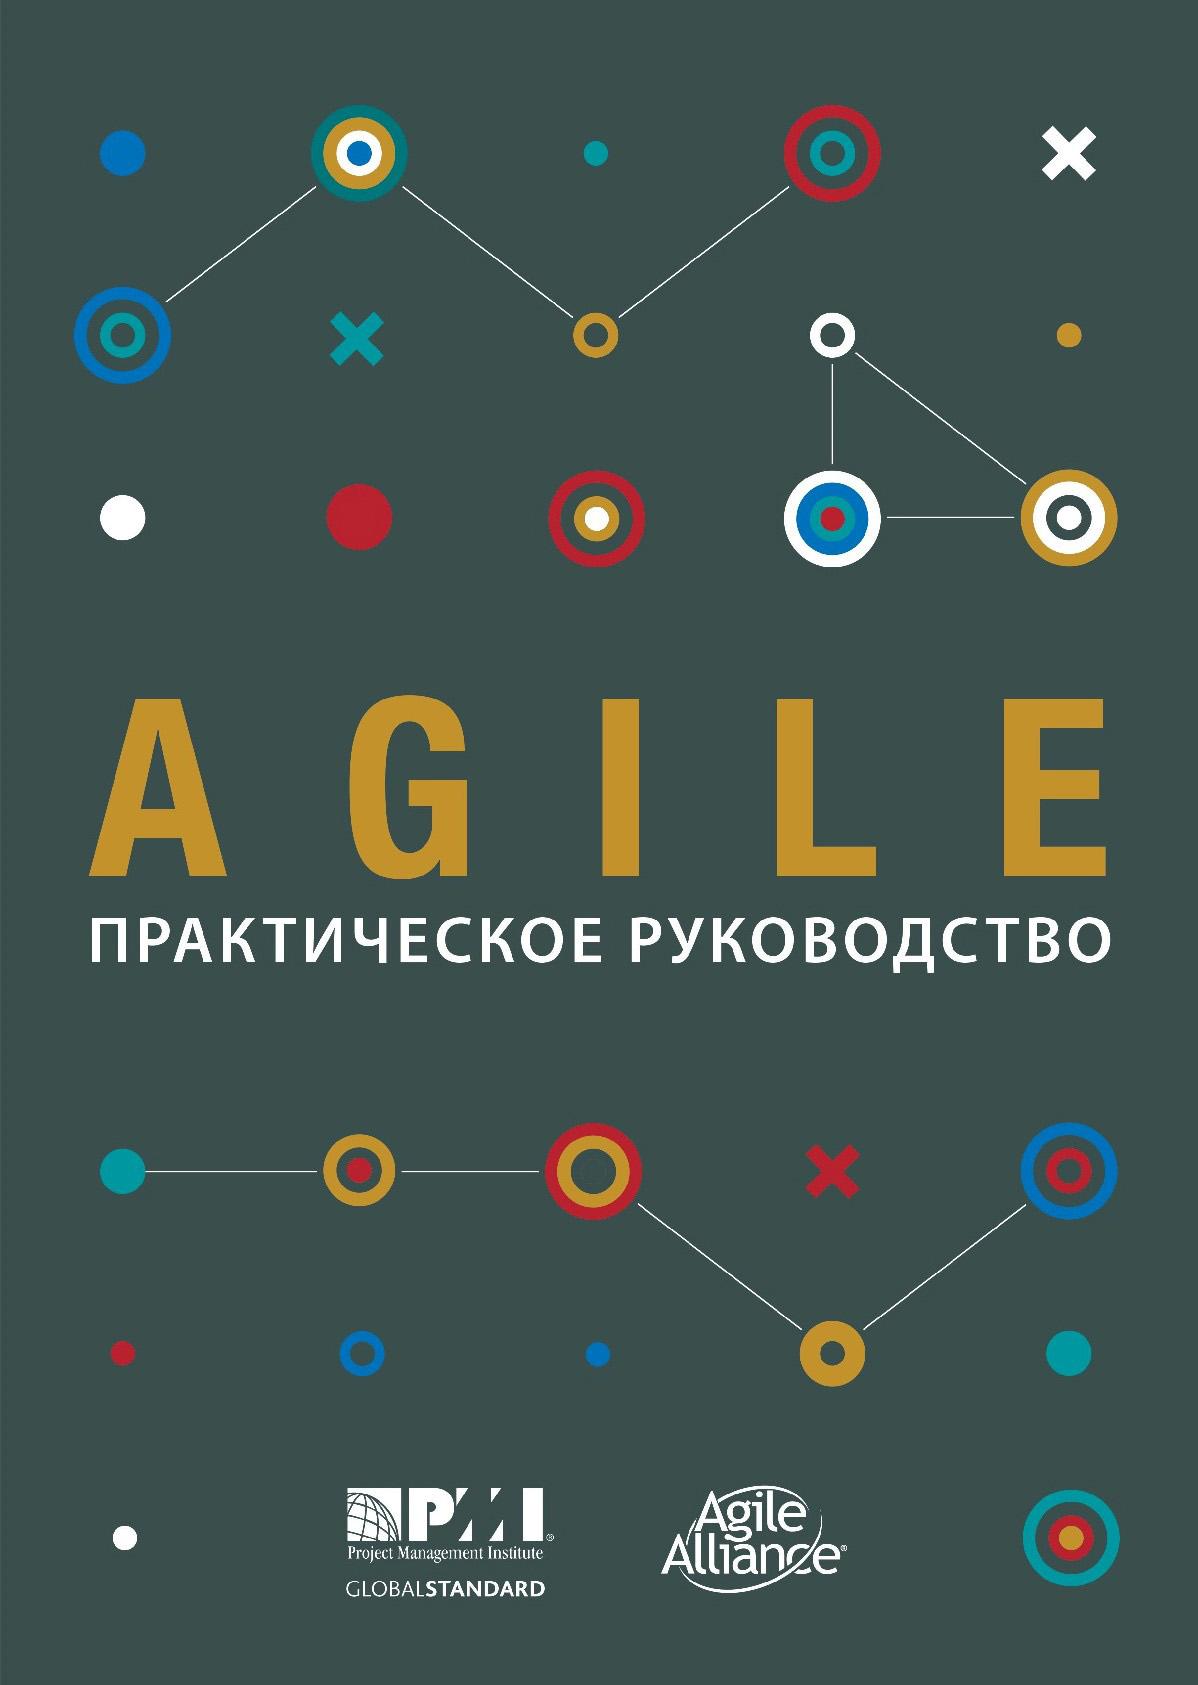 Agile. Практическое руководство